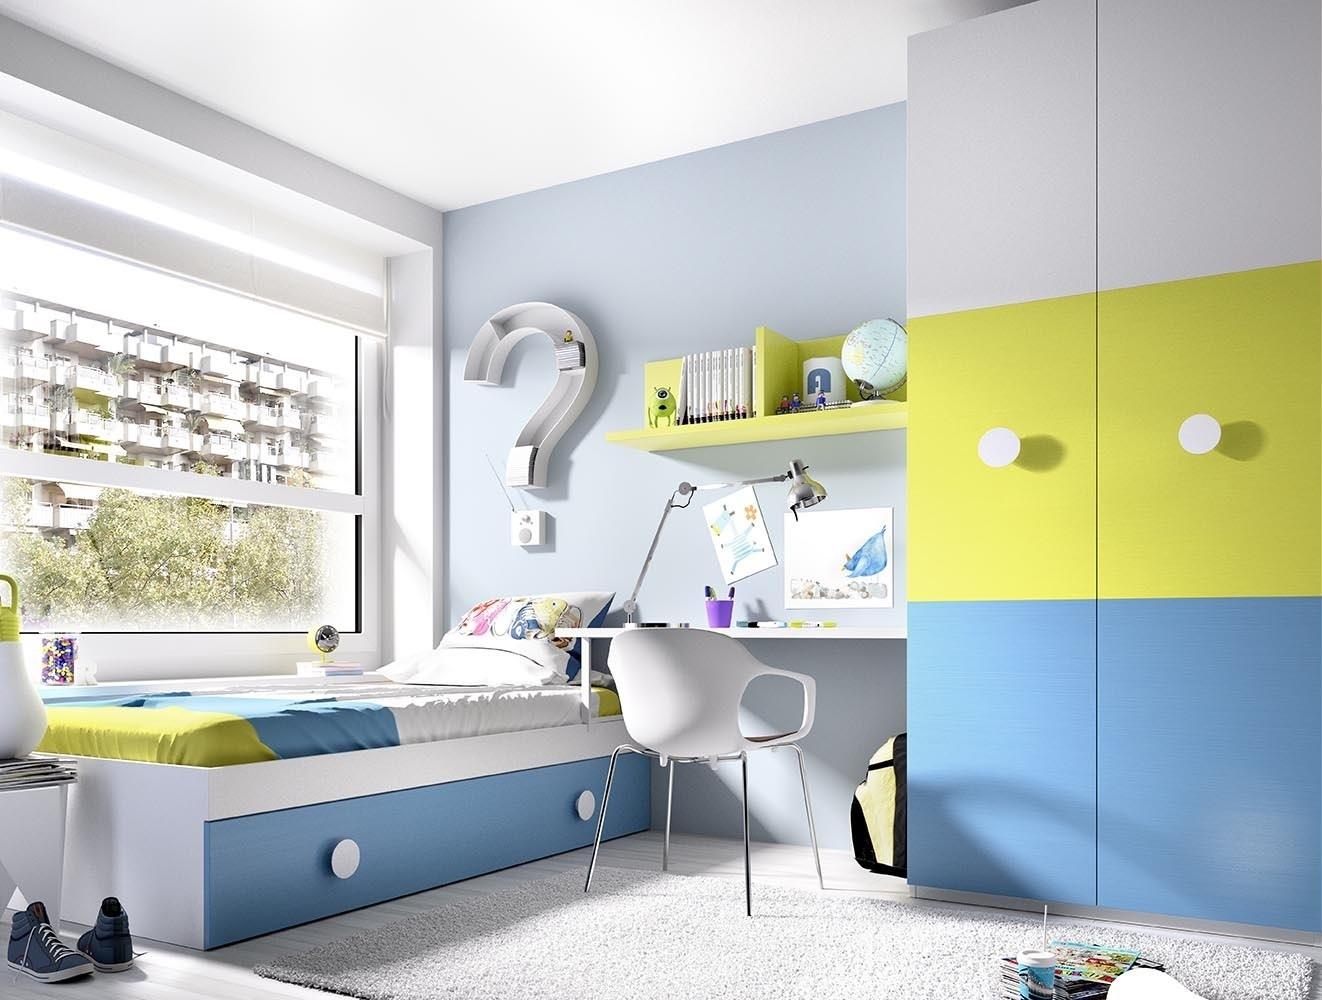 Camera Da Letto Moderna Colorata : Camera colorata e capiente k mobili bambini armadio